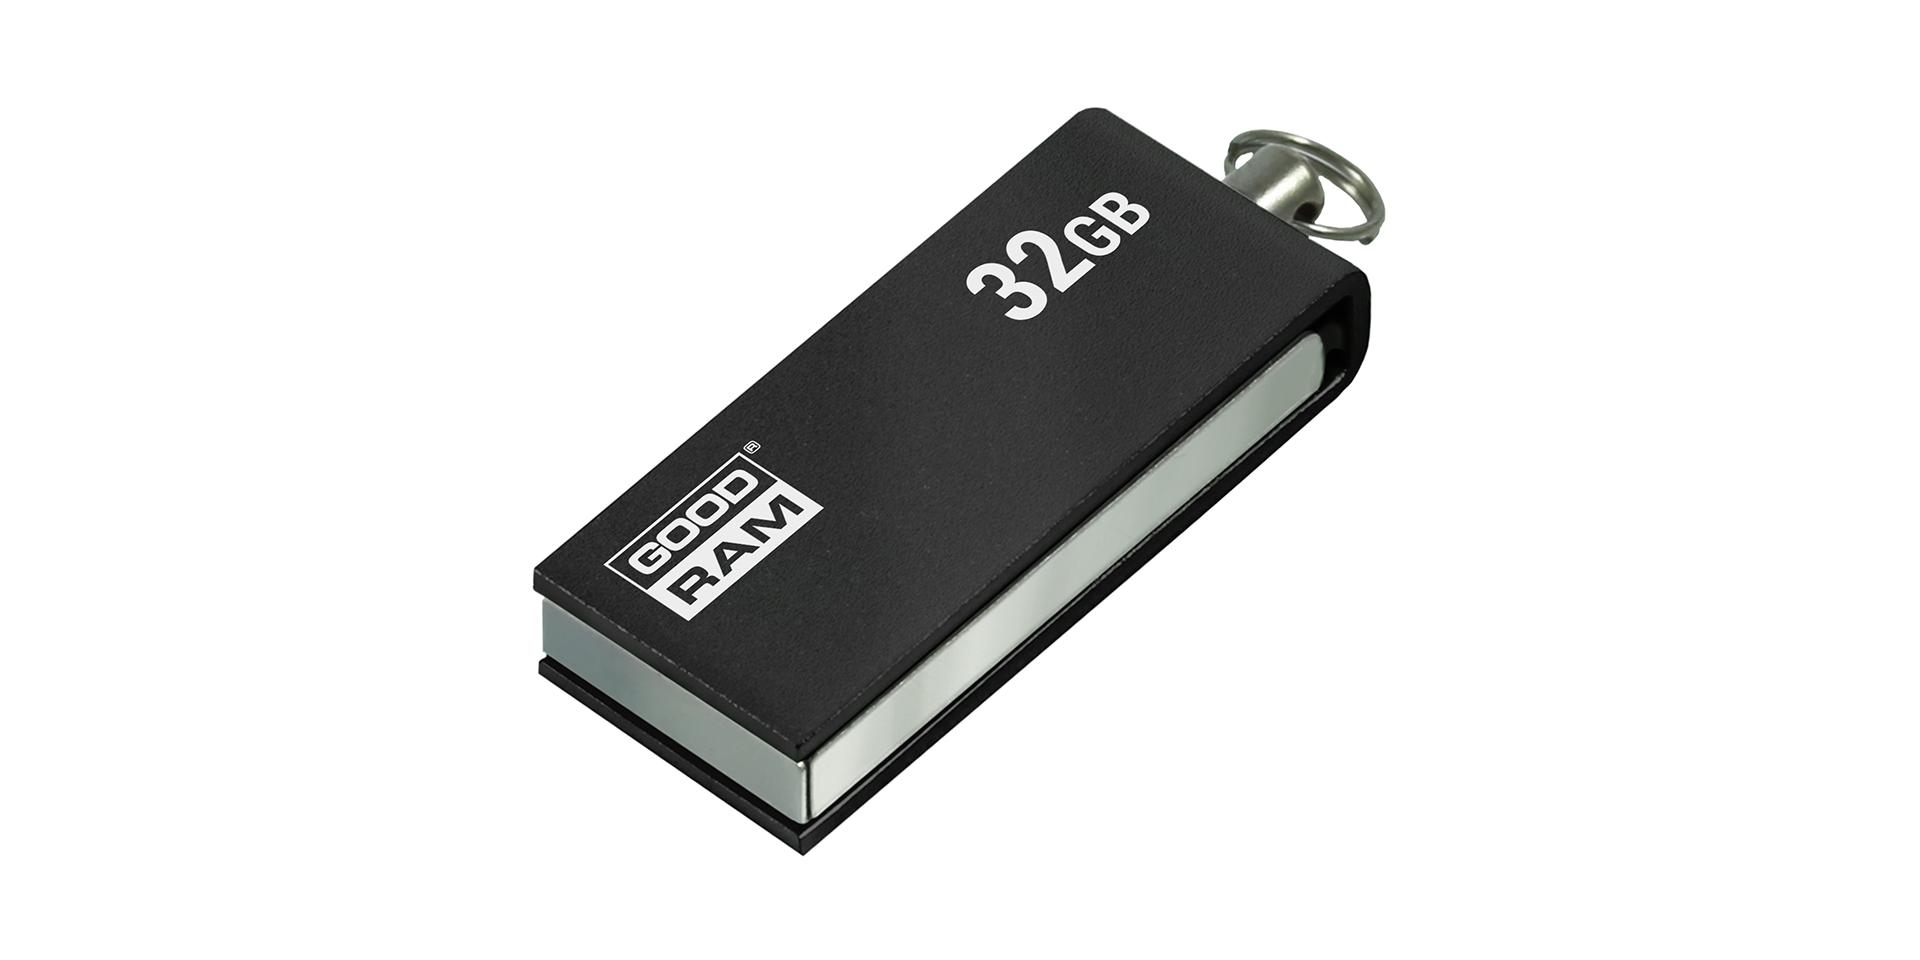 UCU2 USB 16GB